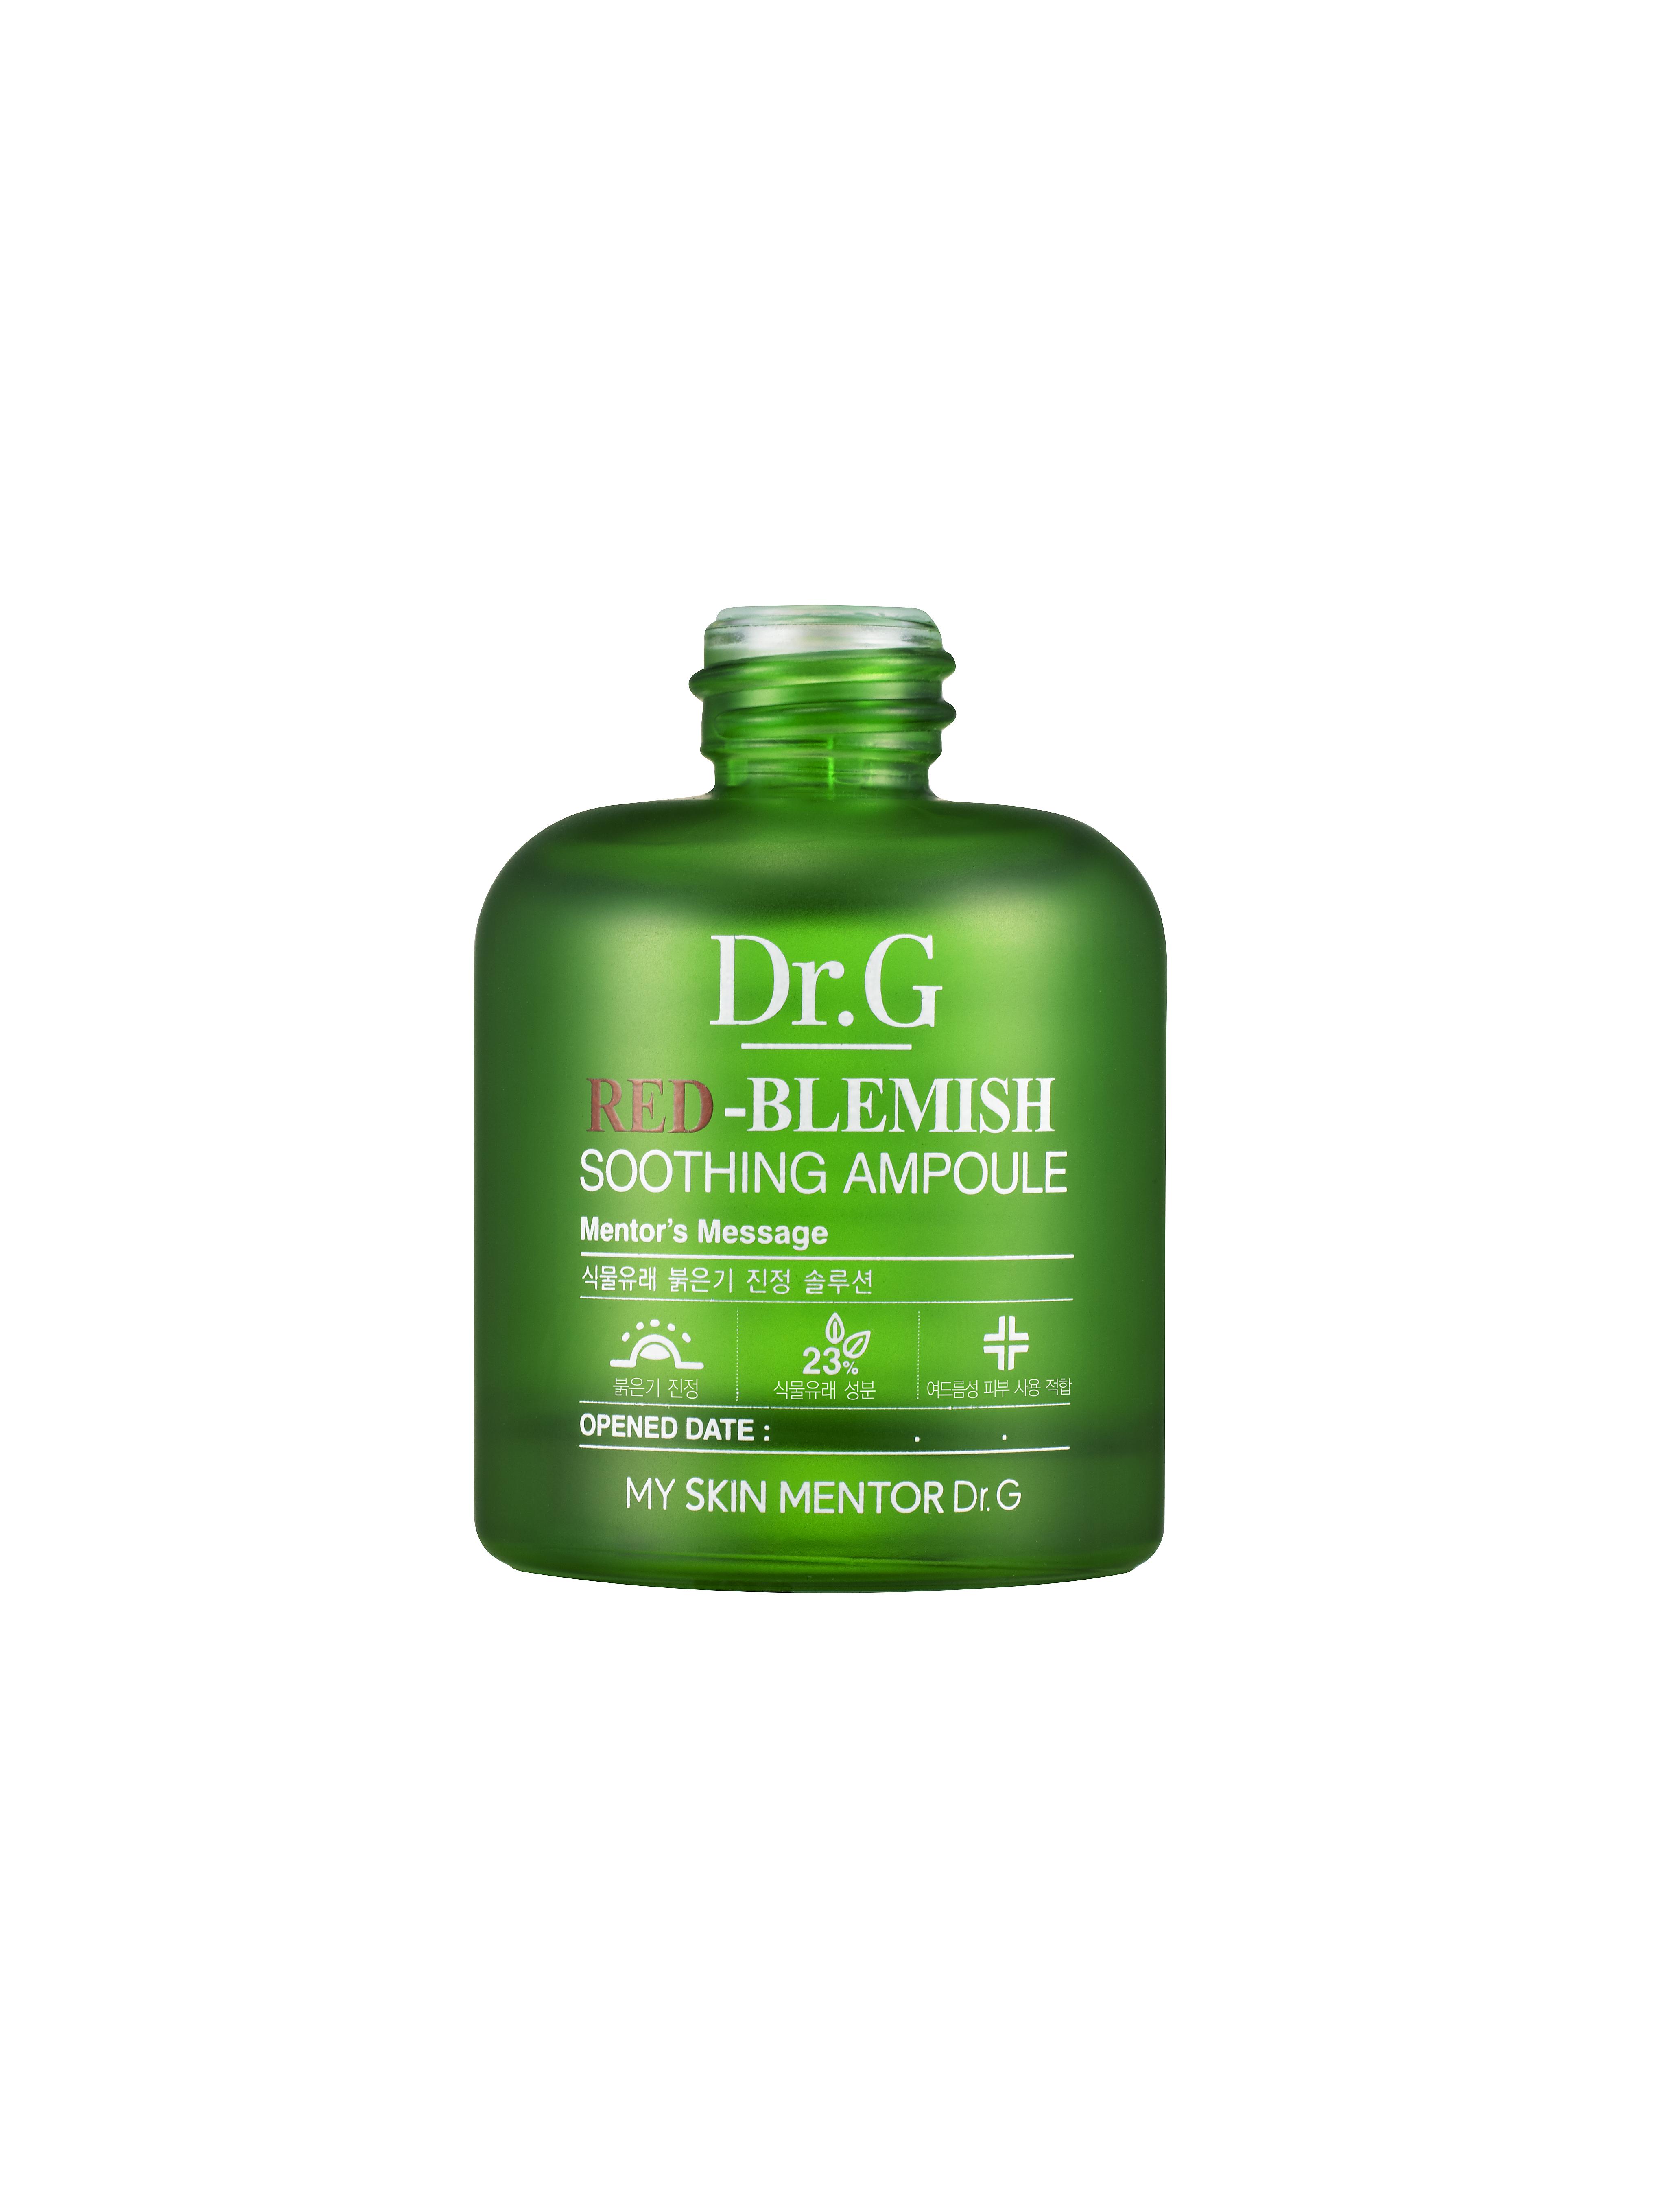 Dr. G Сыворотка-ампула смягчающая от покраснений Red-Blemish, 30 млDG624748Успокаивающая кожу сыворотка эффективно борется с краснотой и раздражениями, выравнивая ее тон и осветляя пигментные пятна различной этимологии. Содержит экстракты зеленой икры, зеленого яблока и зеленого чая. Усиливает регенерацию клеток,защищая от потери влаги,успокаивает раздражение.